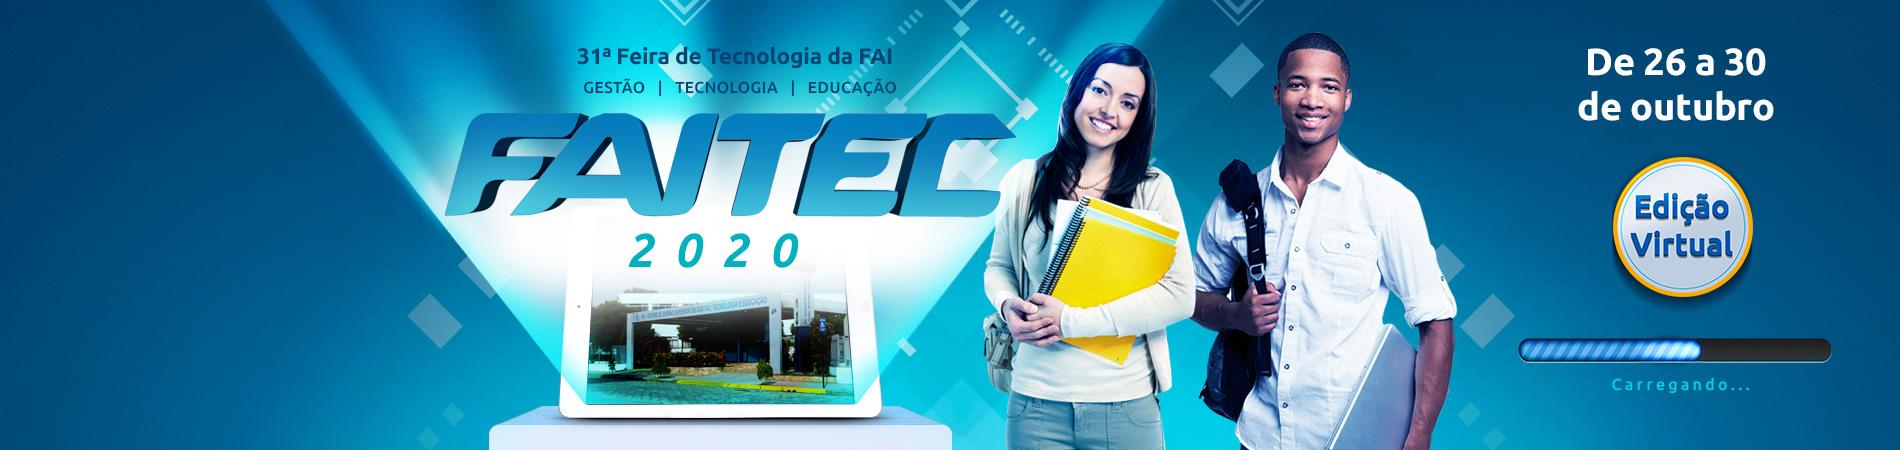 FAI_Faitec_2020_2